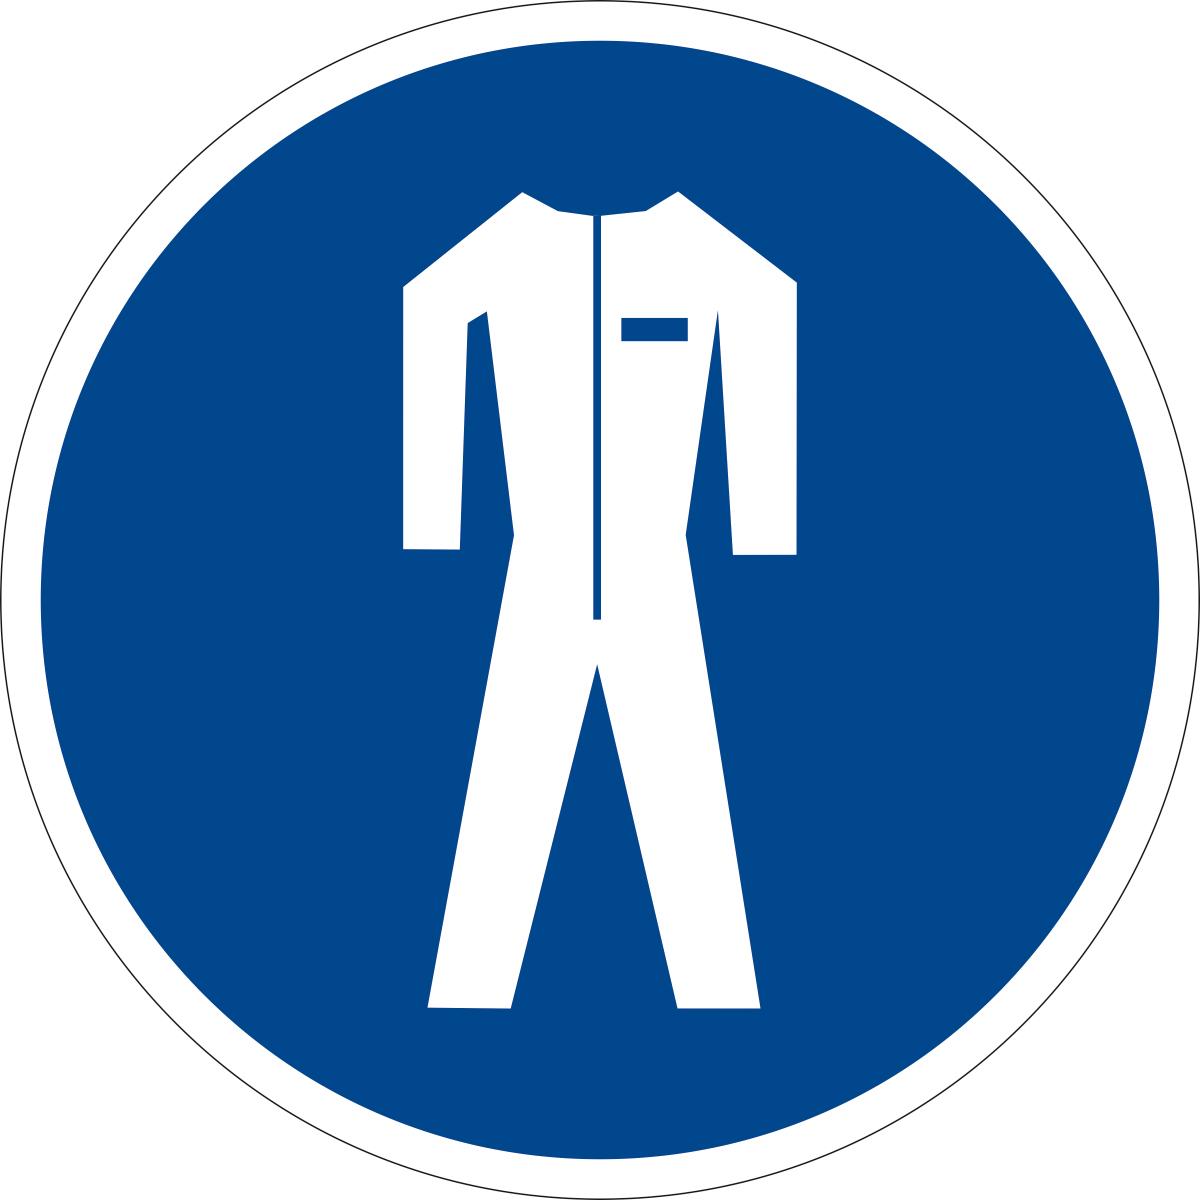 Наклейка информационная Оранжевый Слоник Работать в защитной одежде, 15 х 15 смINR012RGBИнформационные наклейки предназначенны для предупреждения людей о непосредственной или возможной опасности, запрещения, предписания или разрешения определенных действий, а также для информации о расположении объектов и средств, использование которых ислючает или снижает воздействие опасных и (или) вредных факторов.